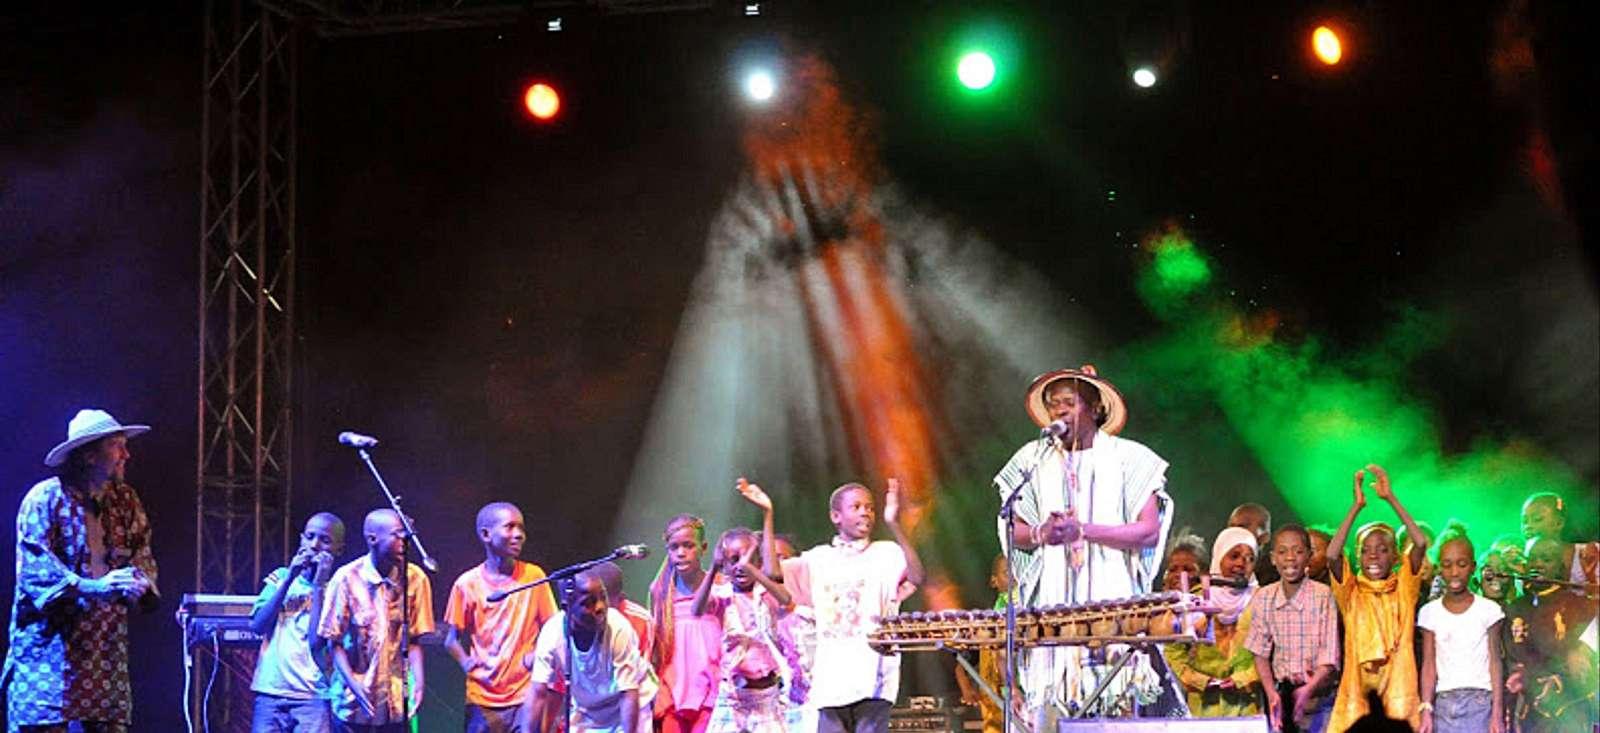 Voyage à pied : Festival à Sahel ouvert solidaire